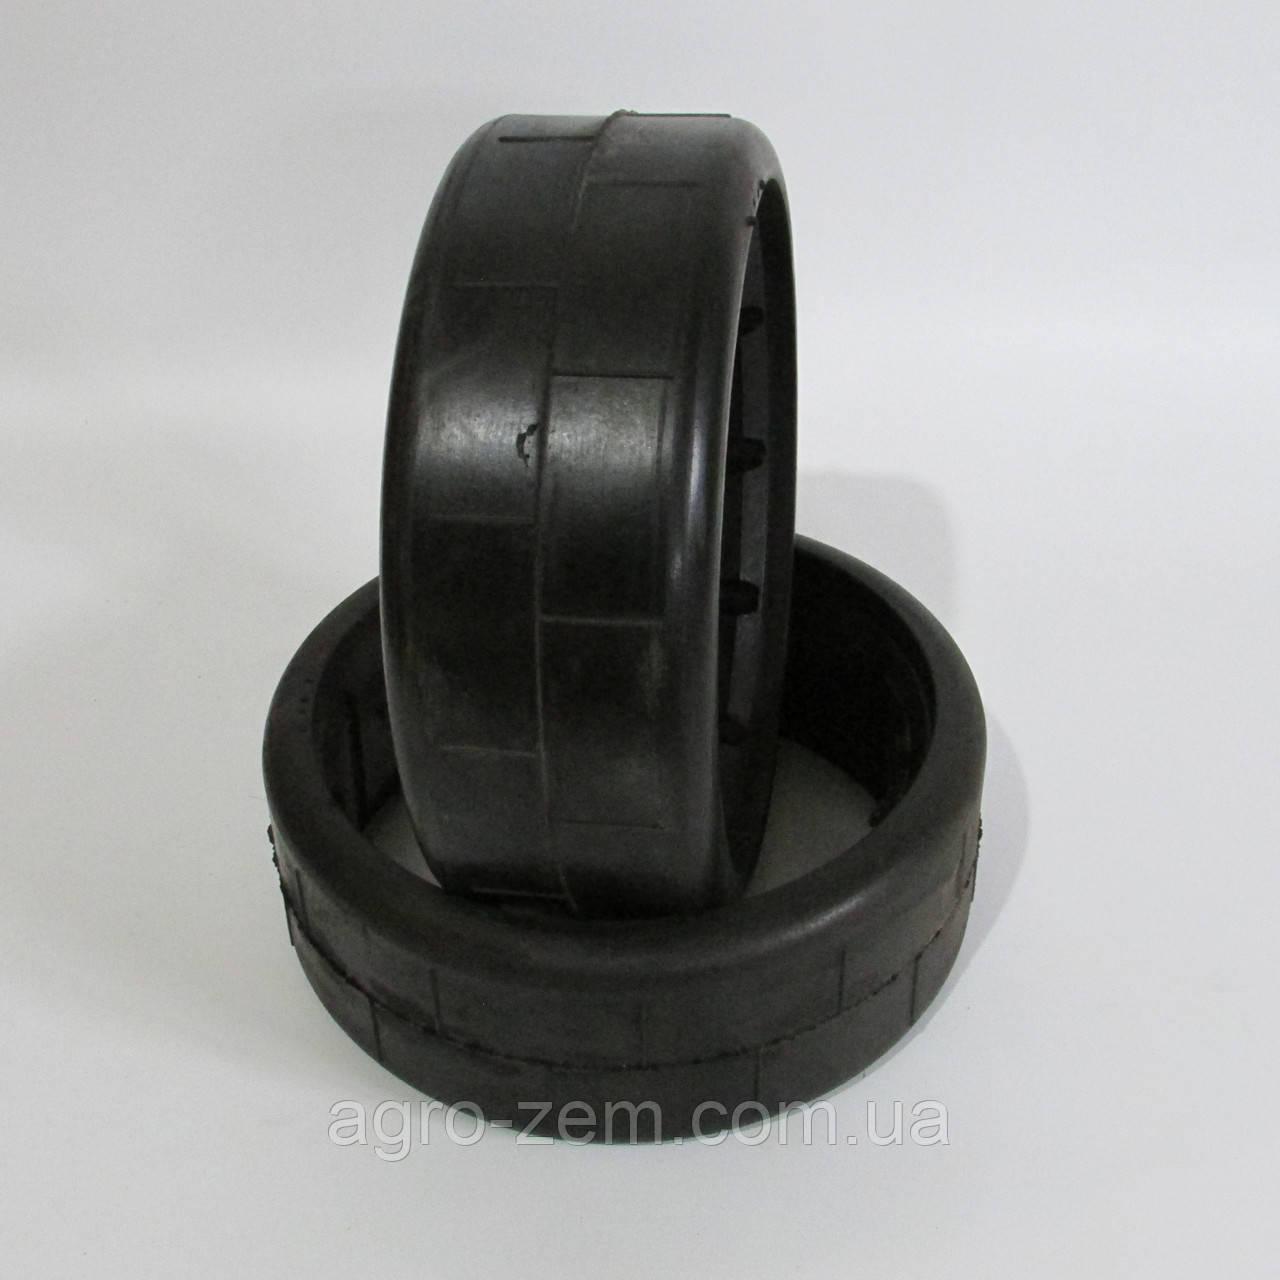 Бандаж КРН 300х100 тонкий (профиль: квадрат) шина прикатывающего колеса КРН